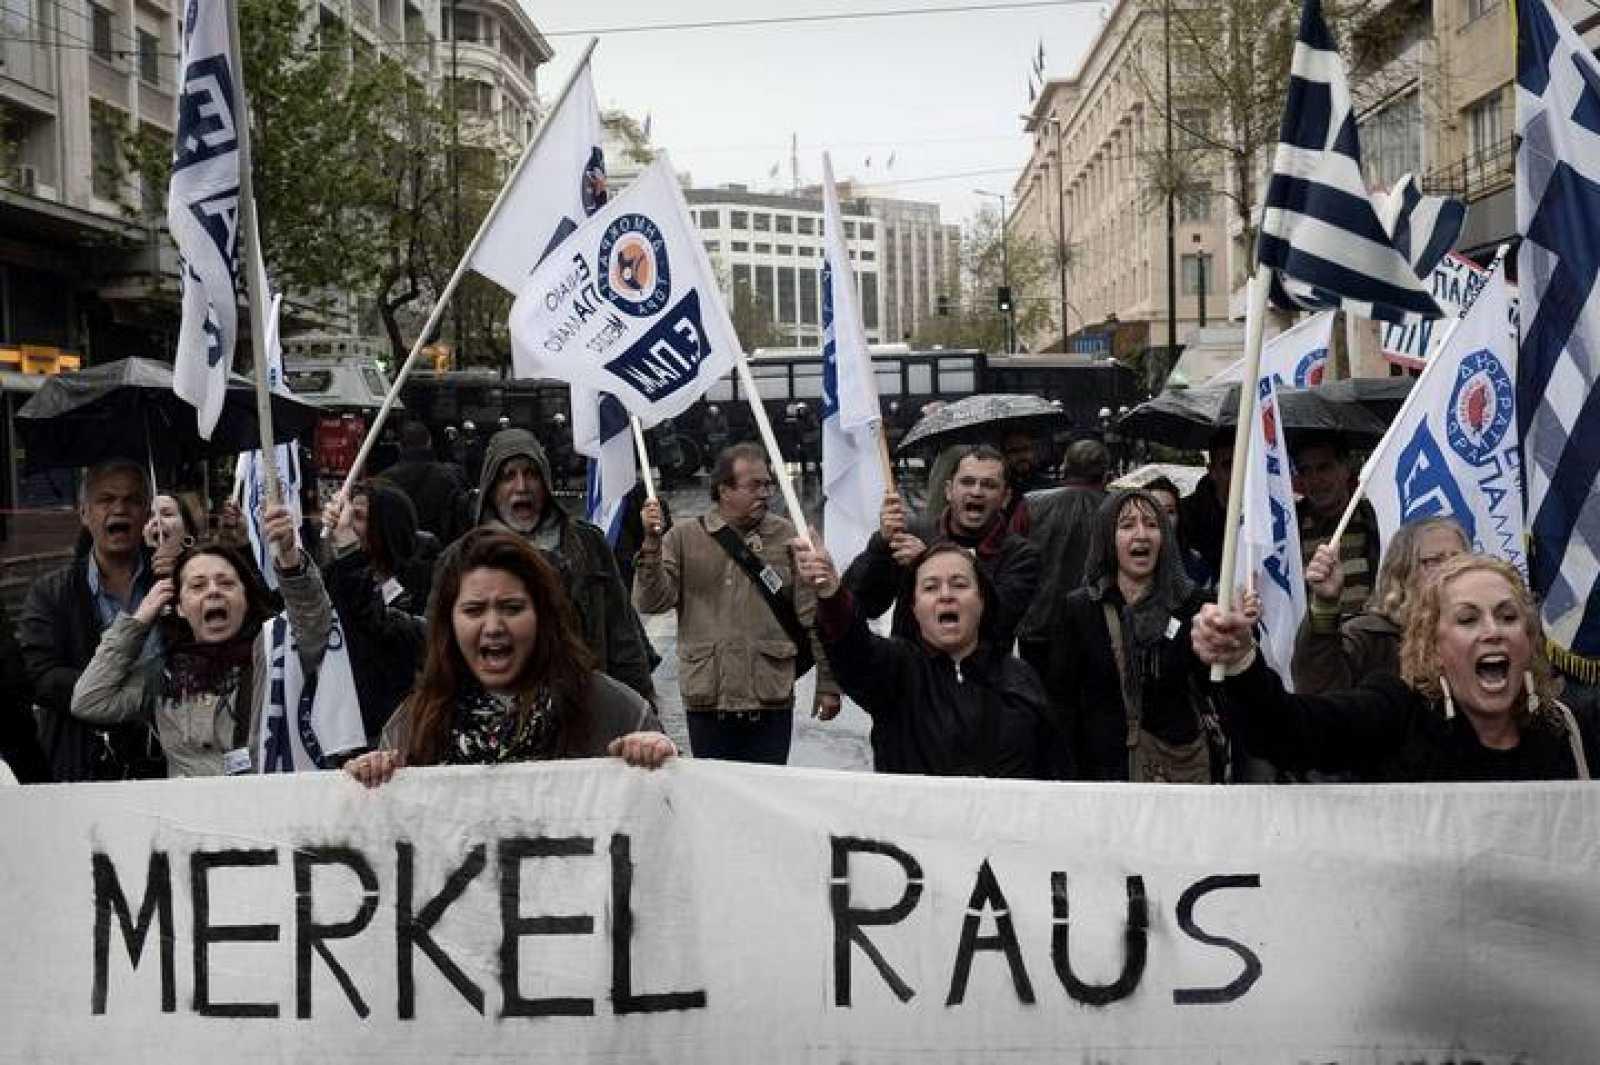 Manifestantes griegos protestan por la visita de Merkel a Atenas